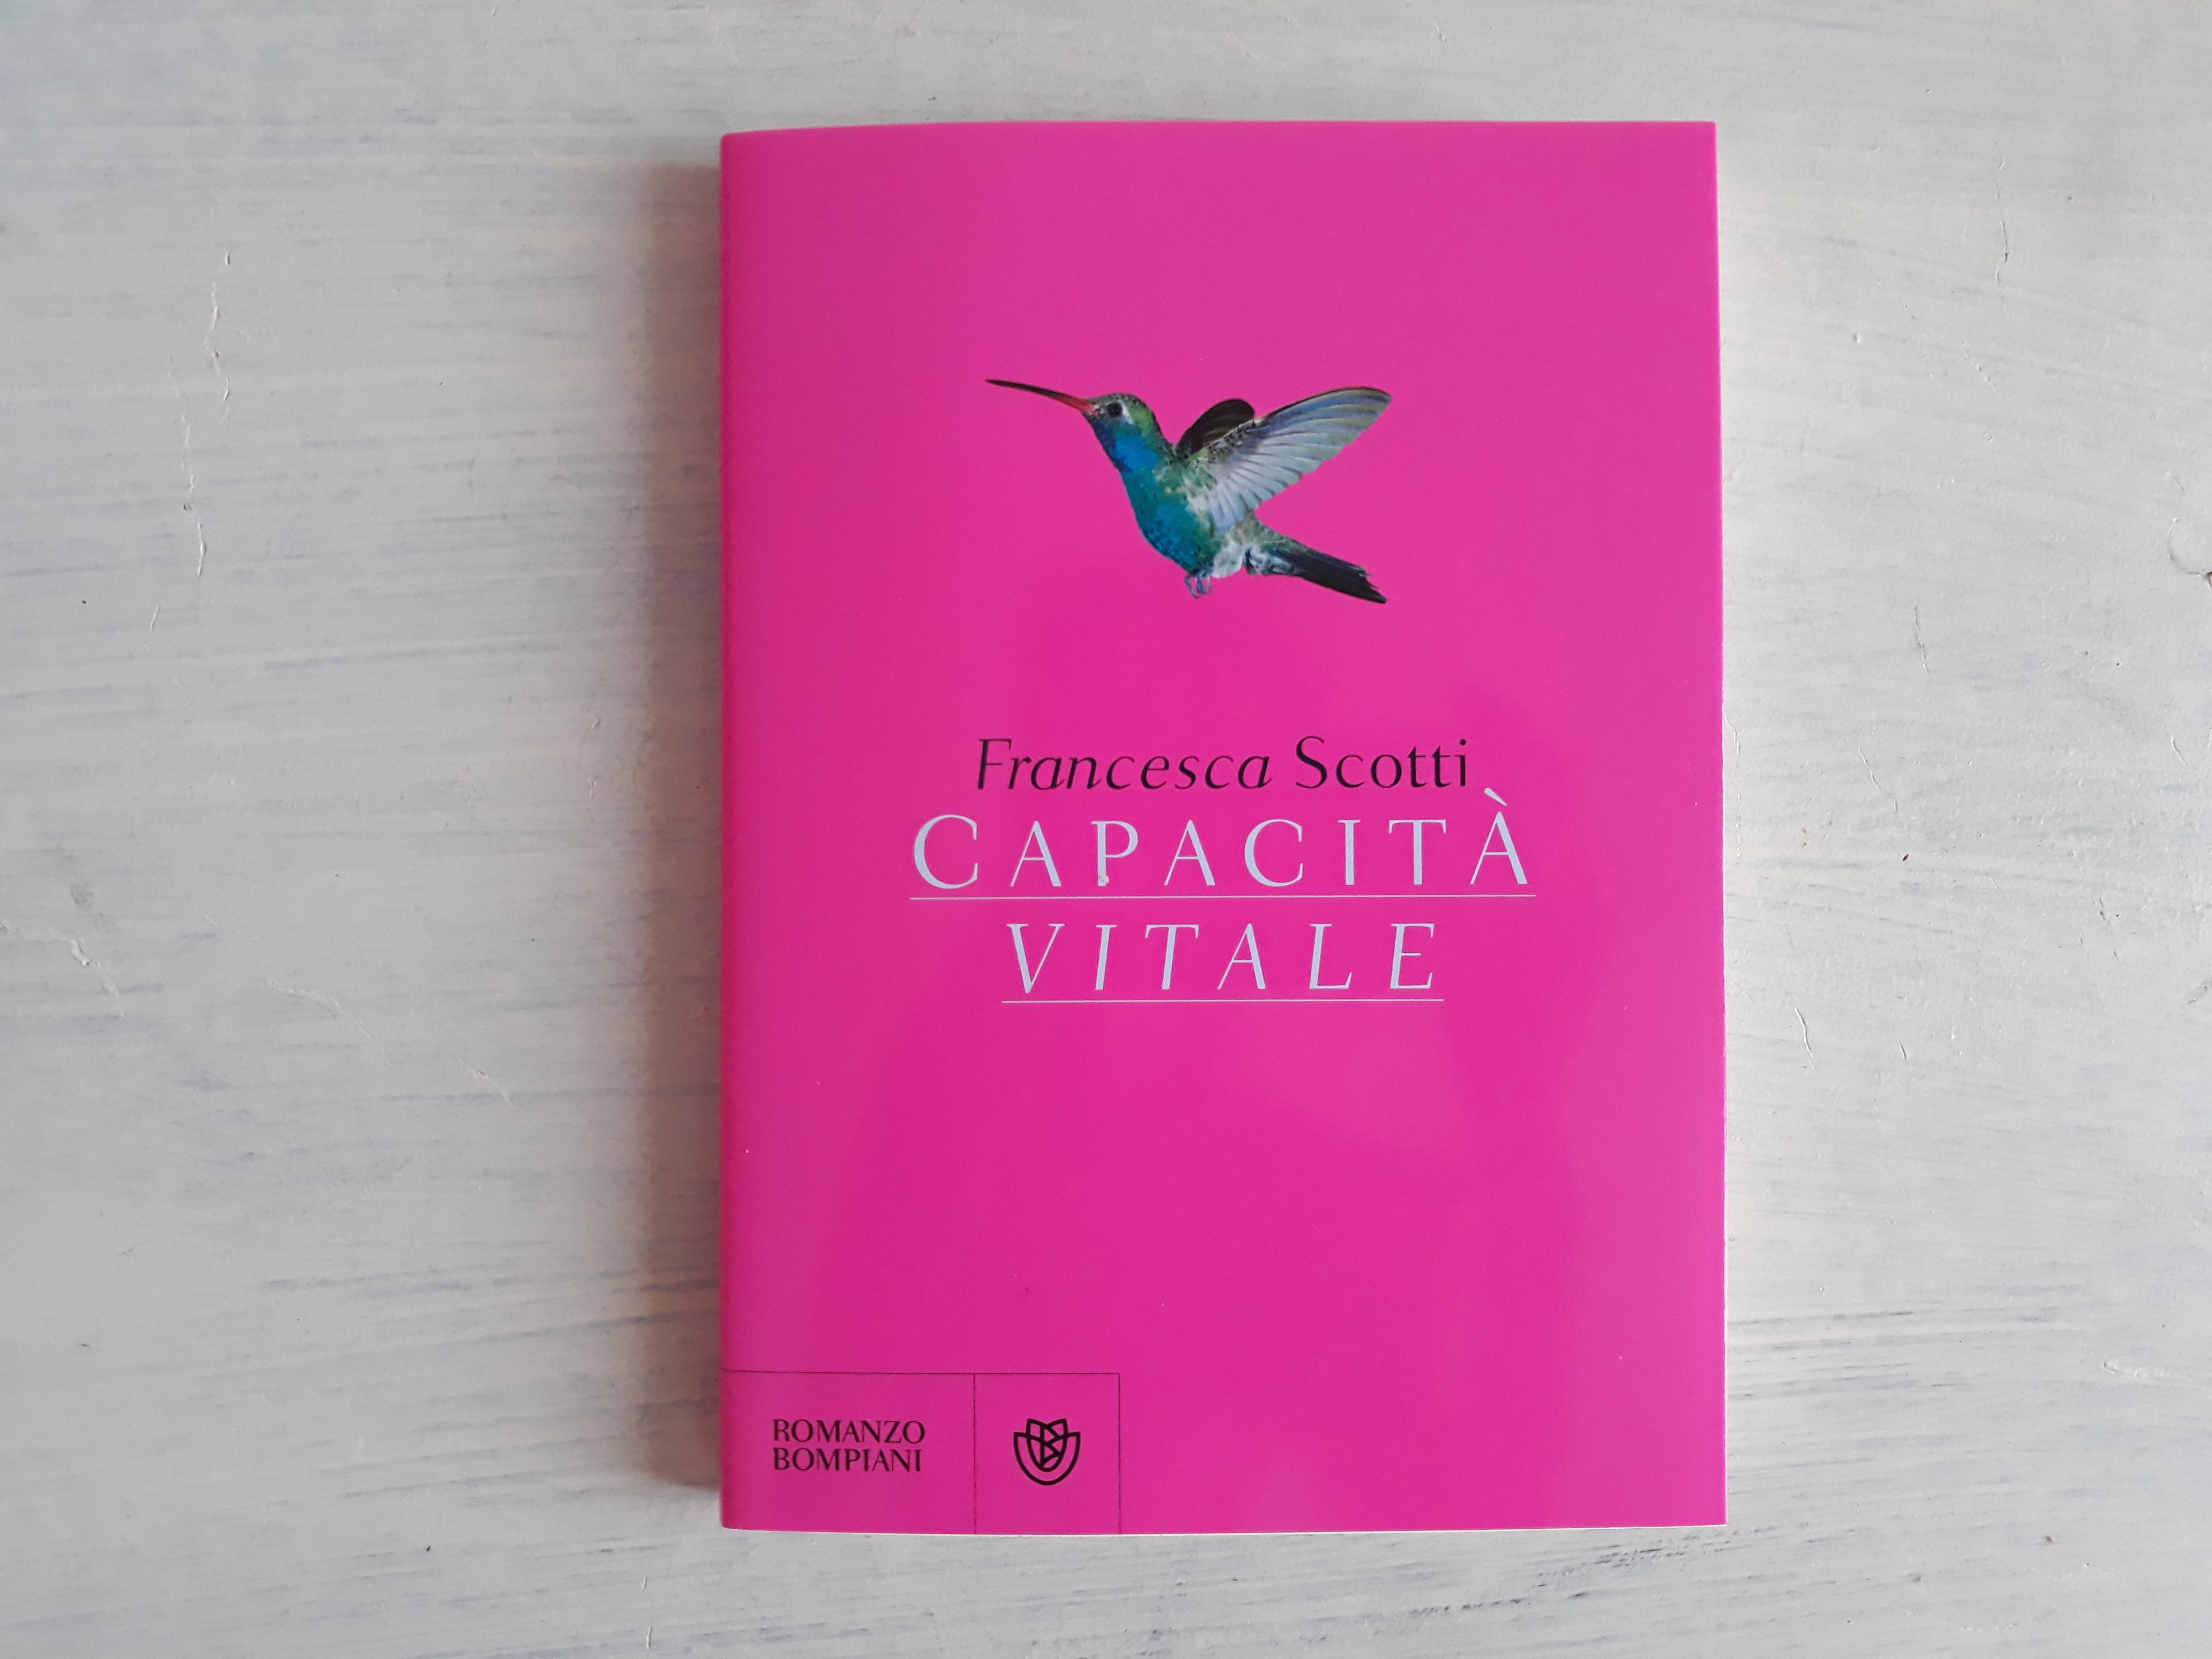 Capacità vitale, Bompiani _in libreria il nuovo romanzo di Francesca Scotti